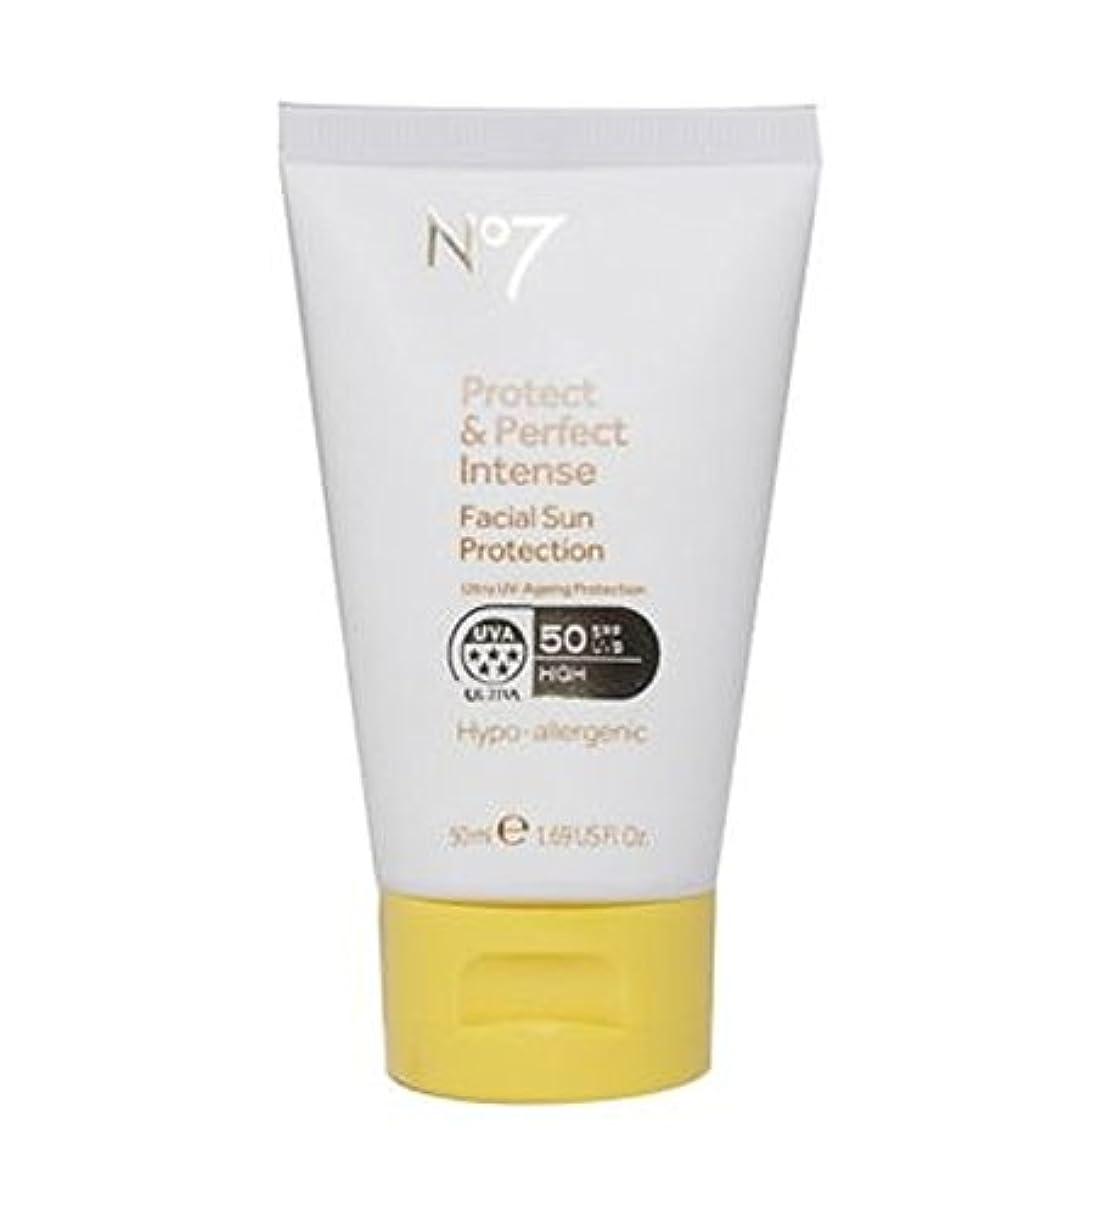 味わう嫉妬組み合わせるNo7保護&完璧な強烈な顔の日焼け防止Spf 50 50ミリリットル (No7) (x2) - No7 Protect & Perfect Intense Facial Sun Protection SPF 50 50ml...